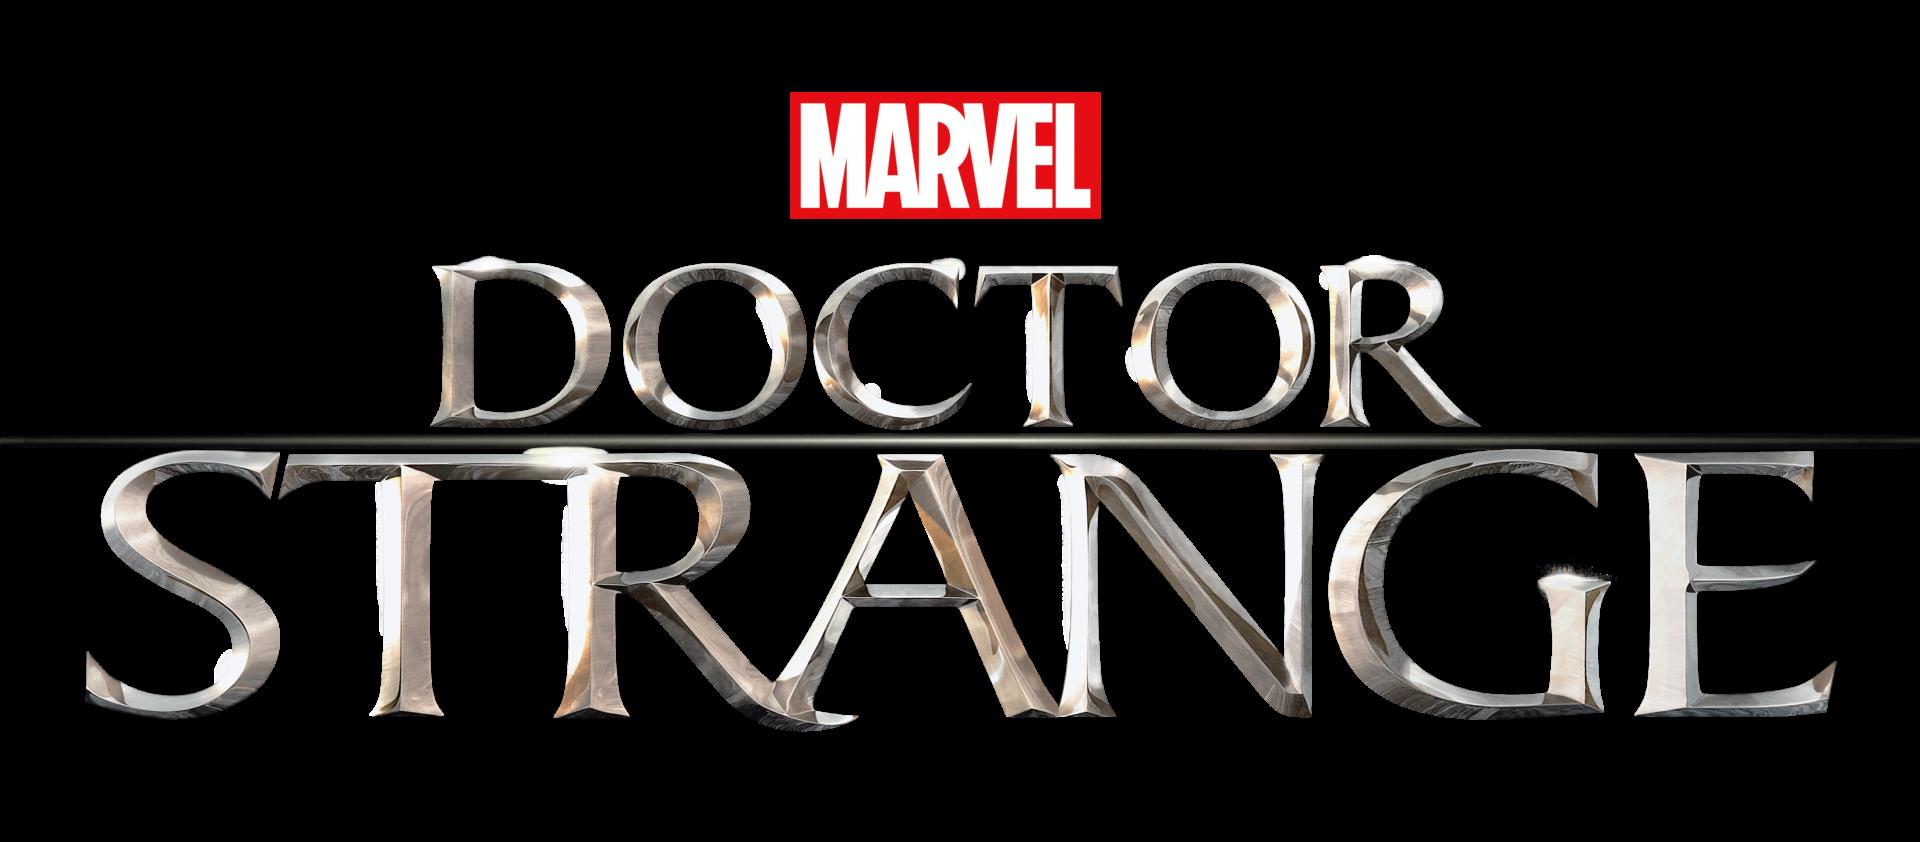 Doctor Strage